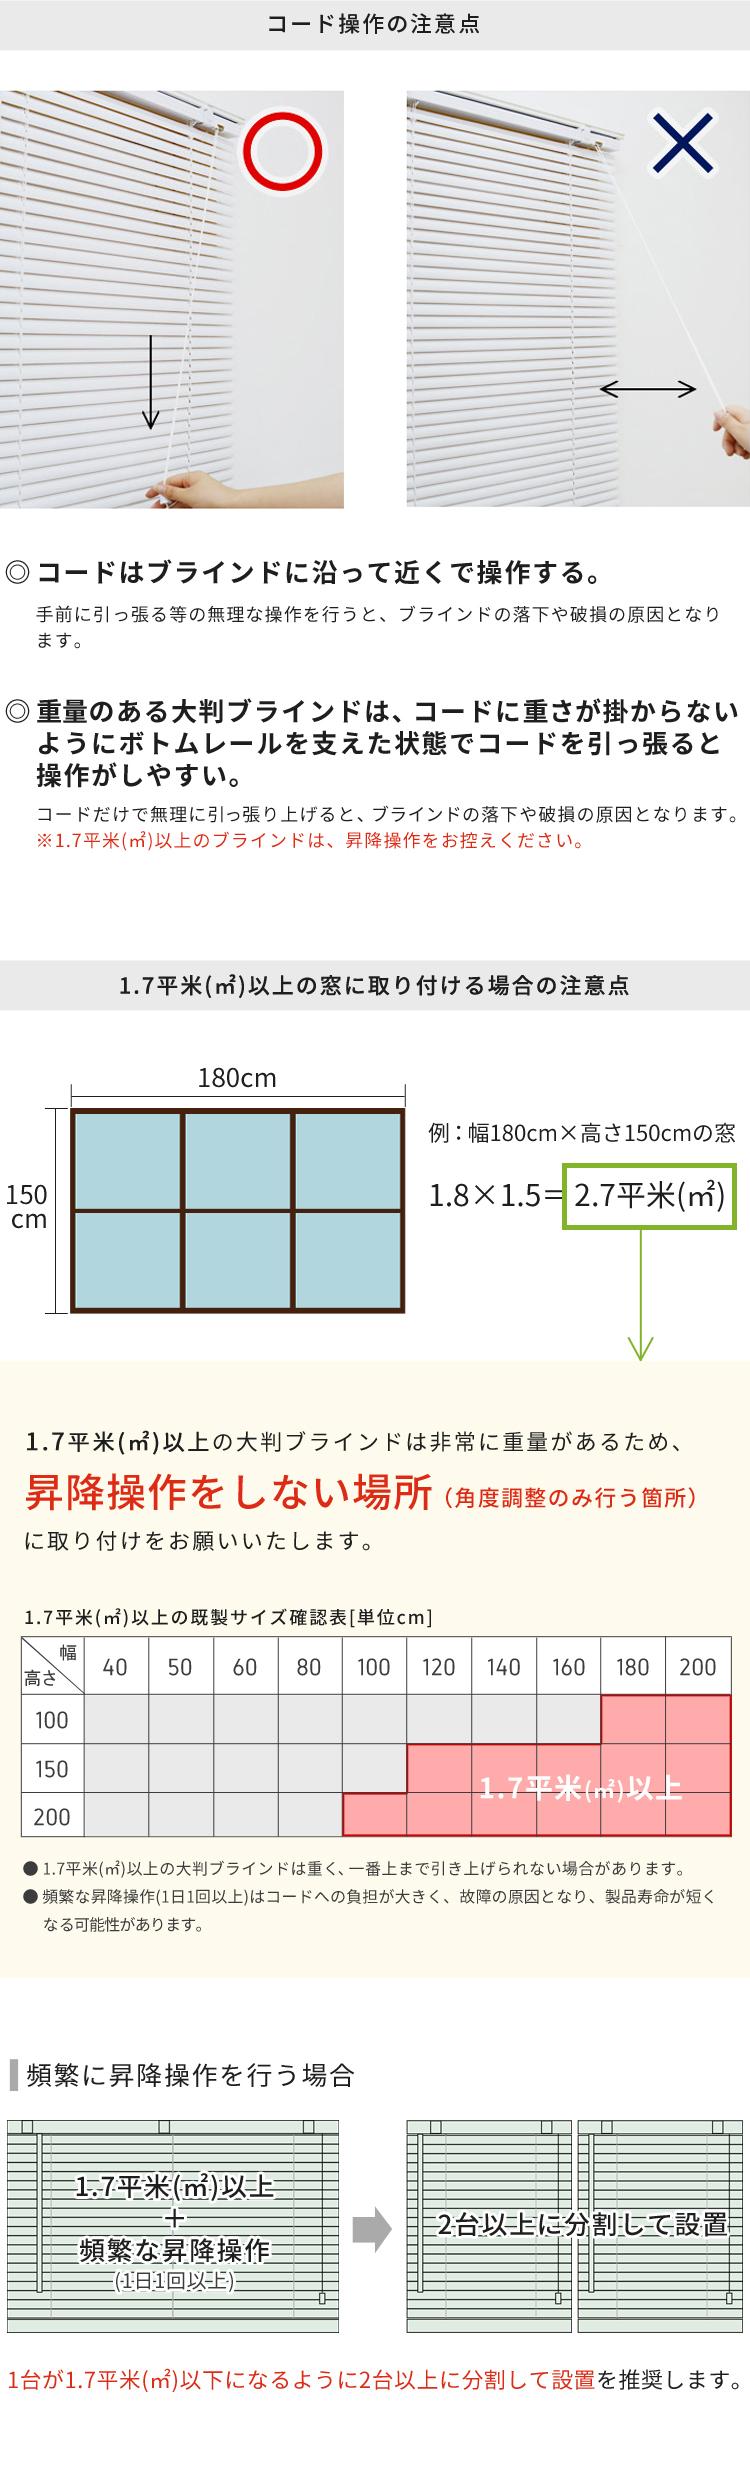 2平米以上の大判ブラインドは2枚以上に分割して設置がおすすめ